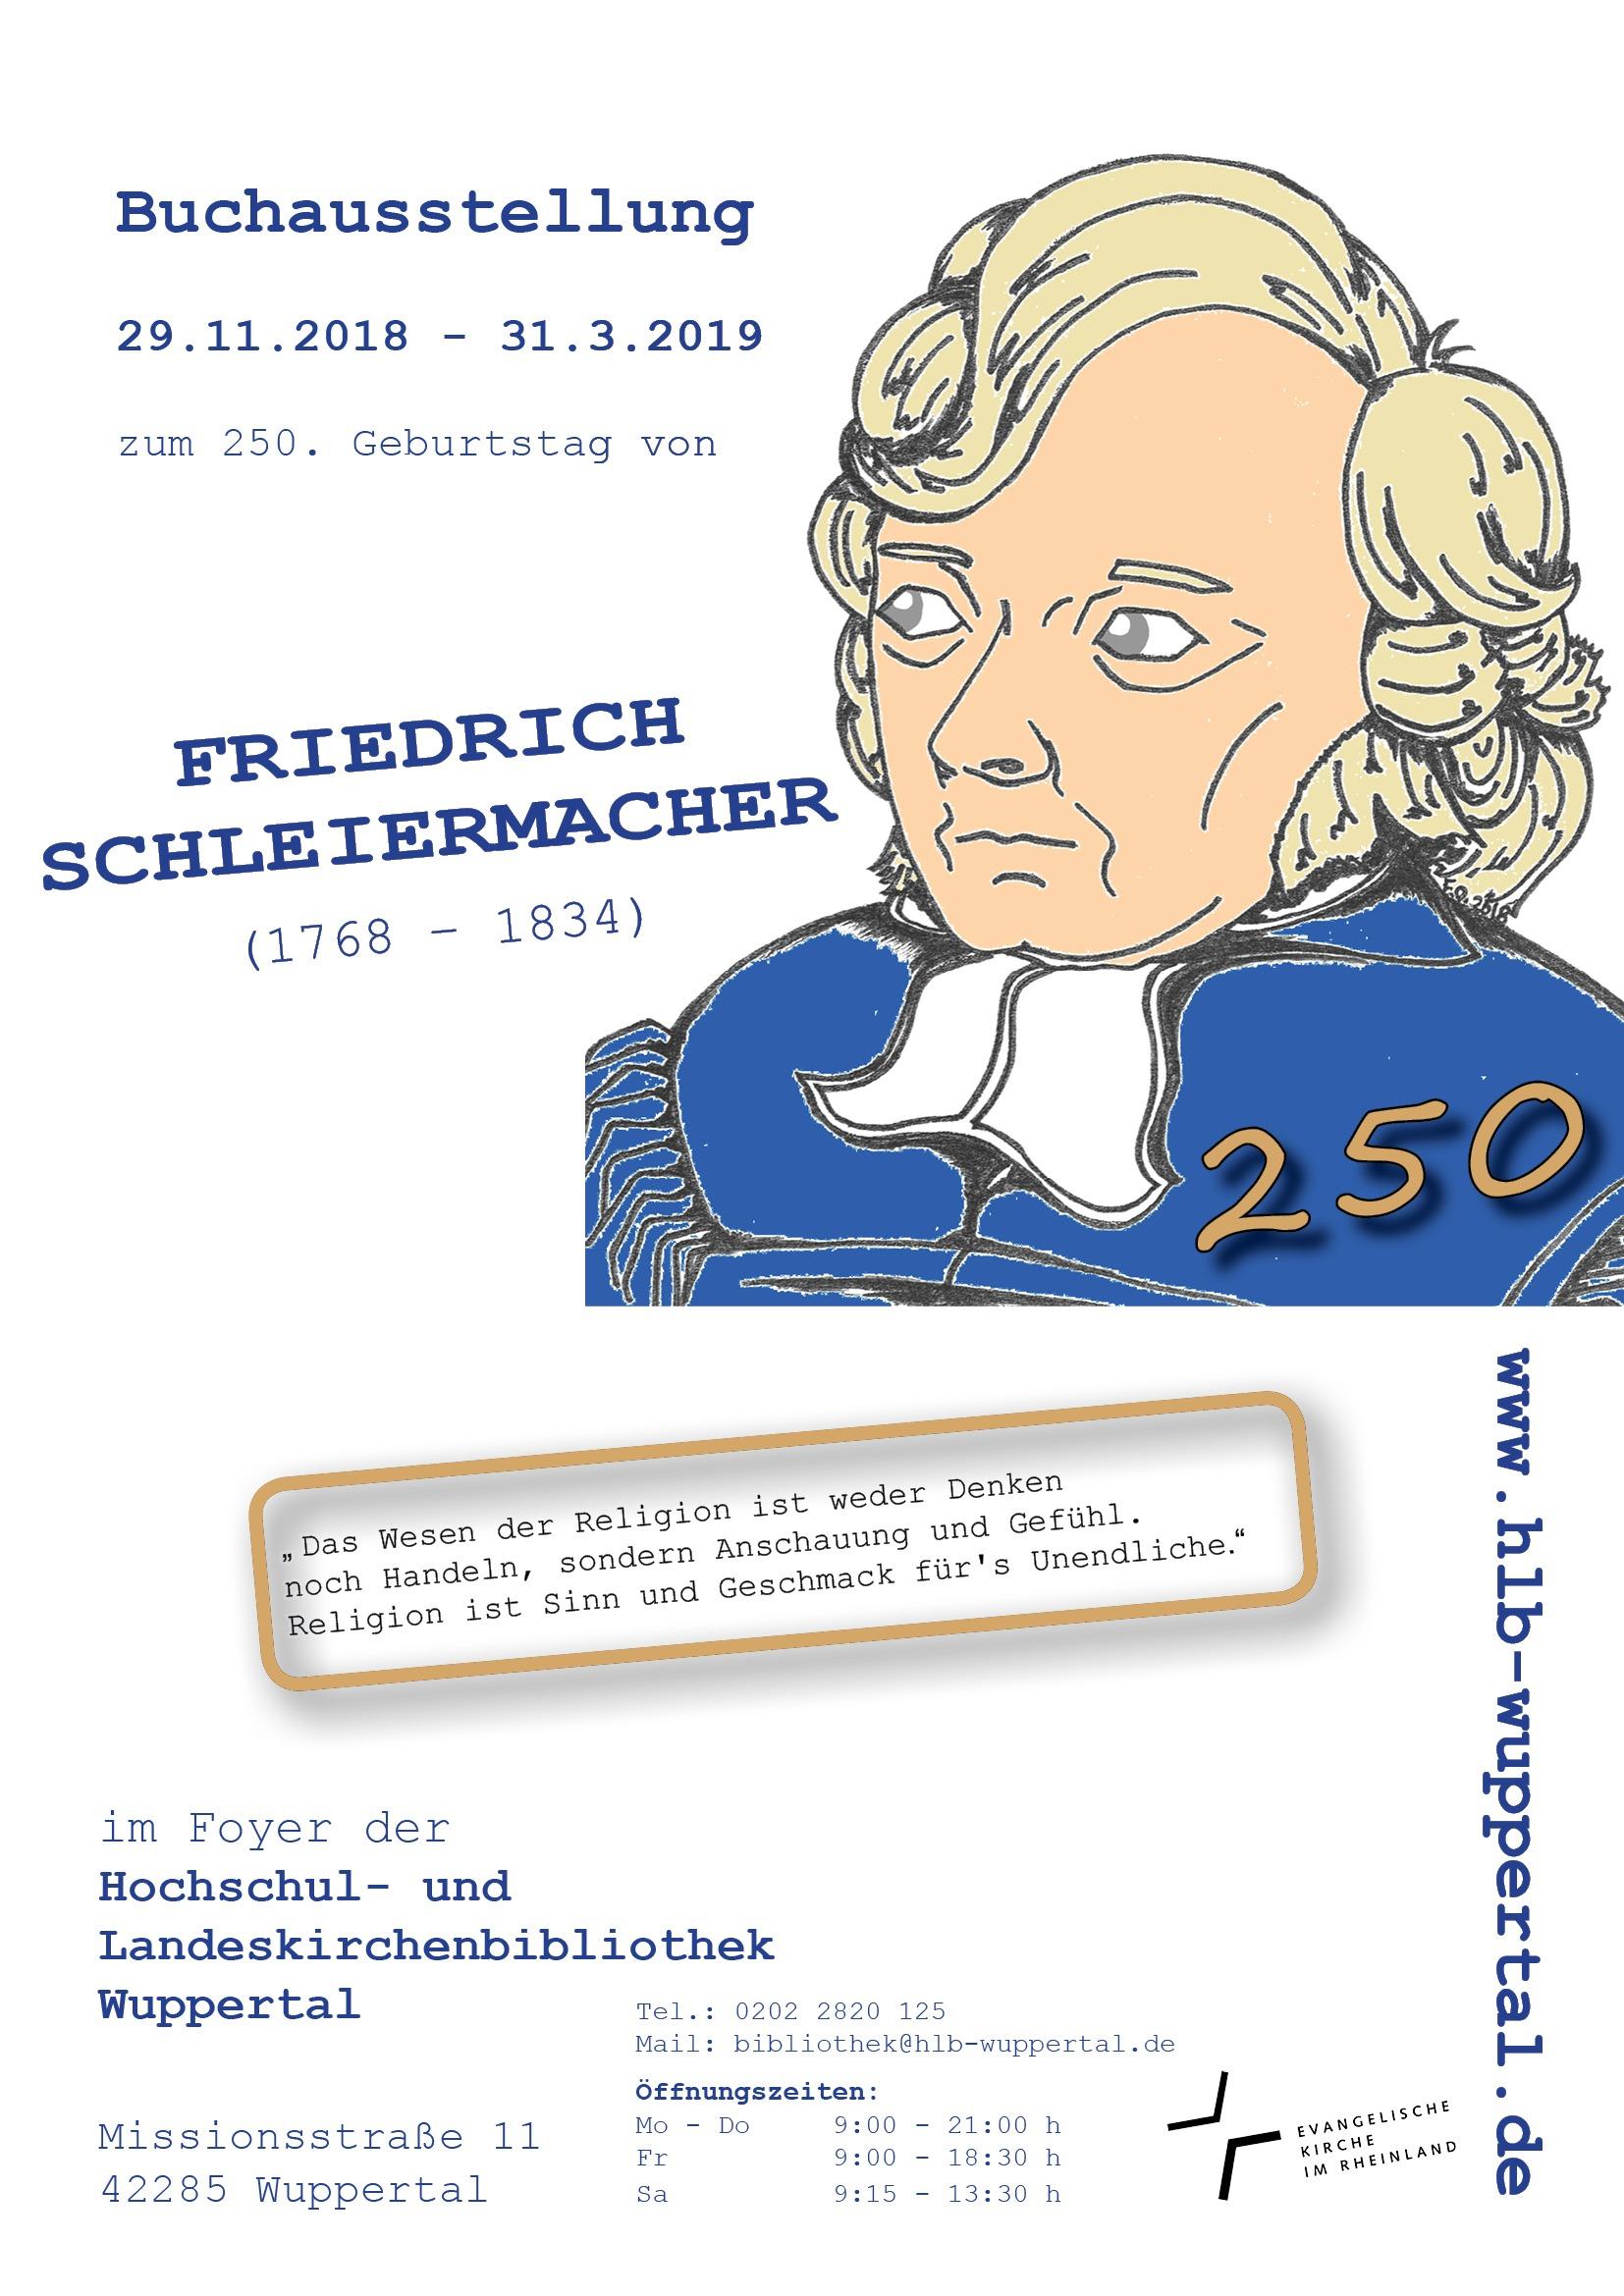 Friedrich Schleiermacher – Die Aktuelle Buchausstellung